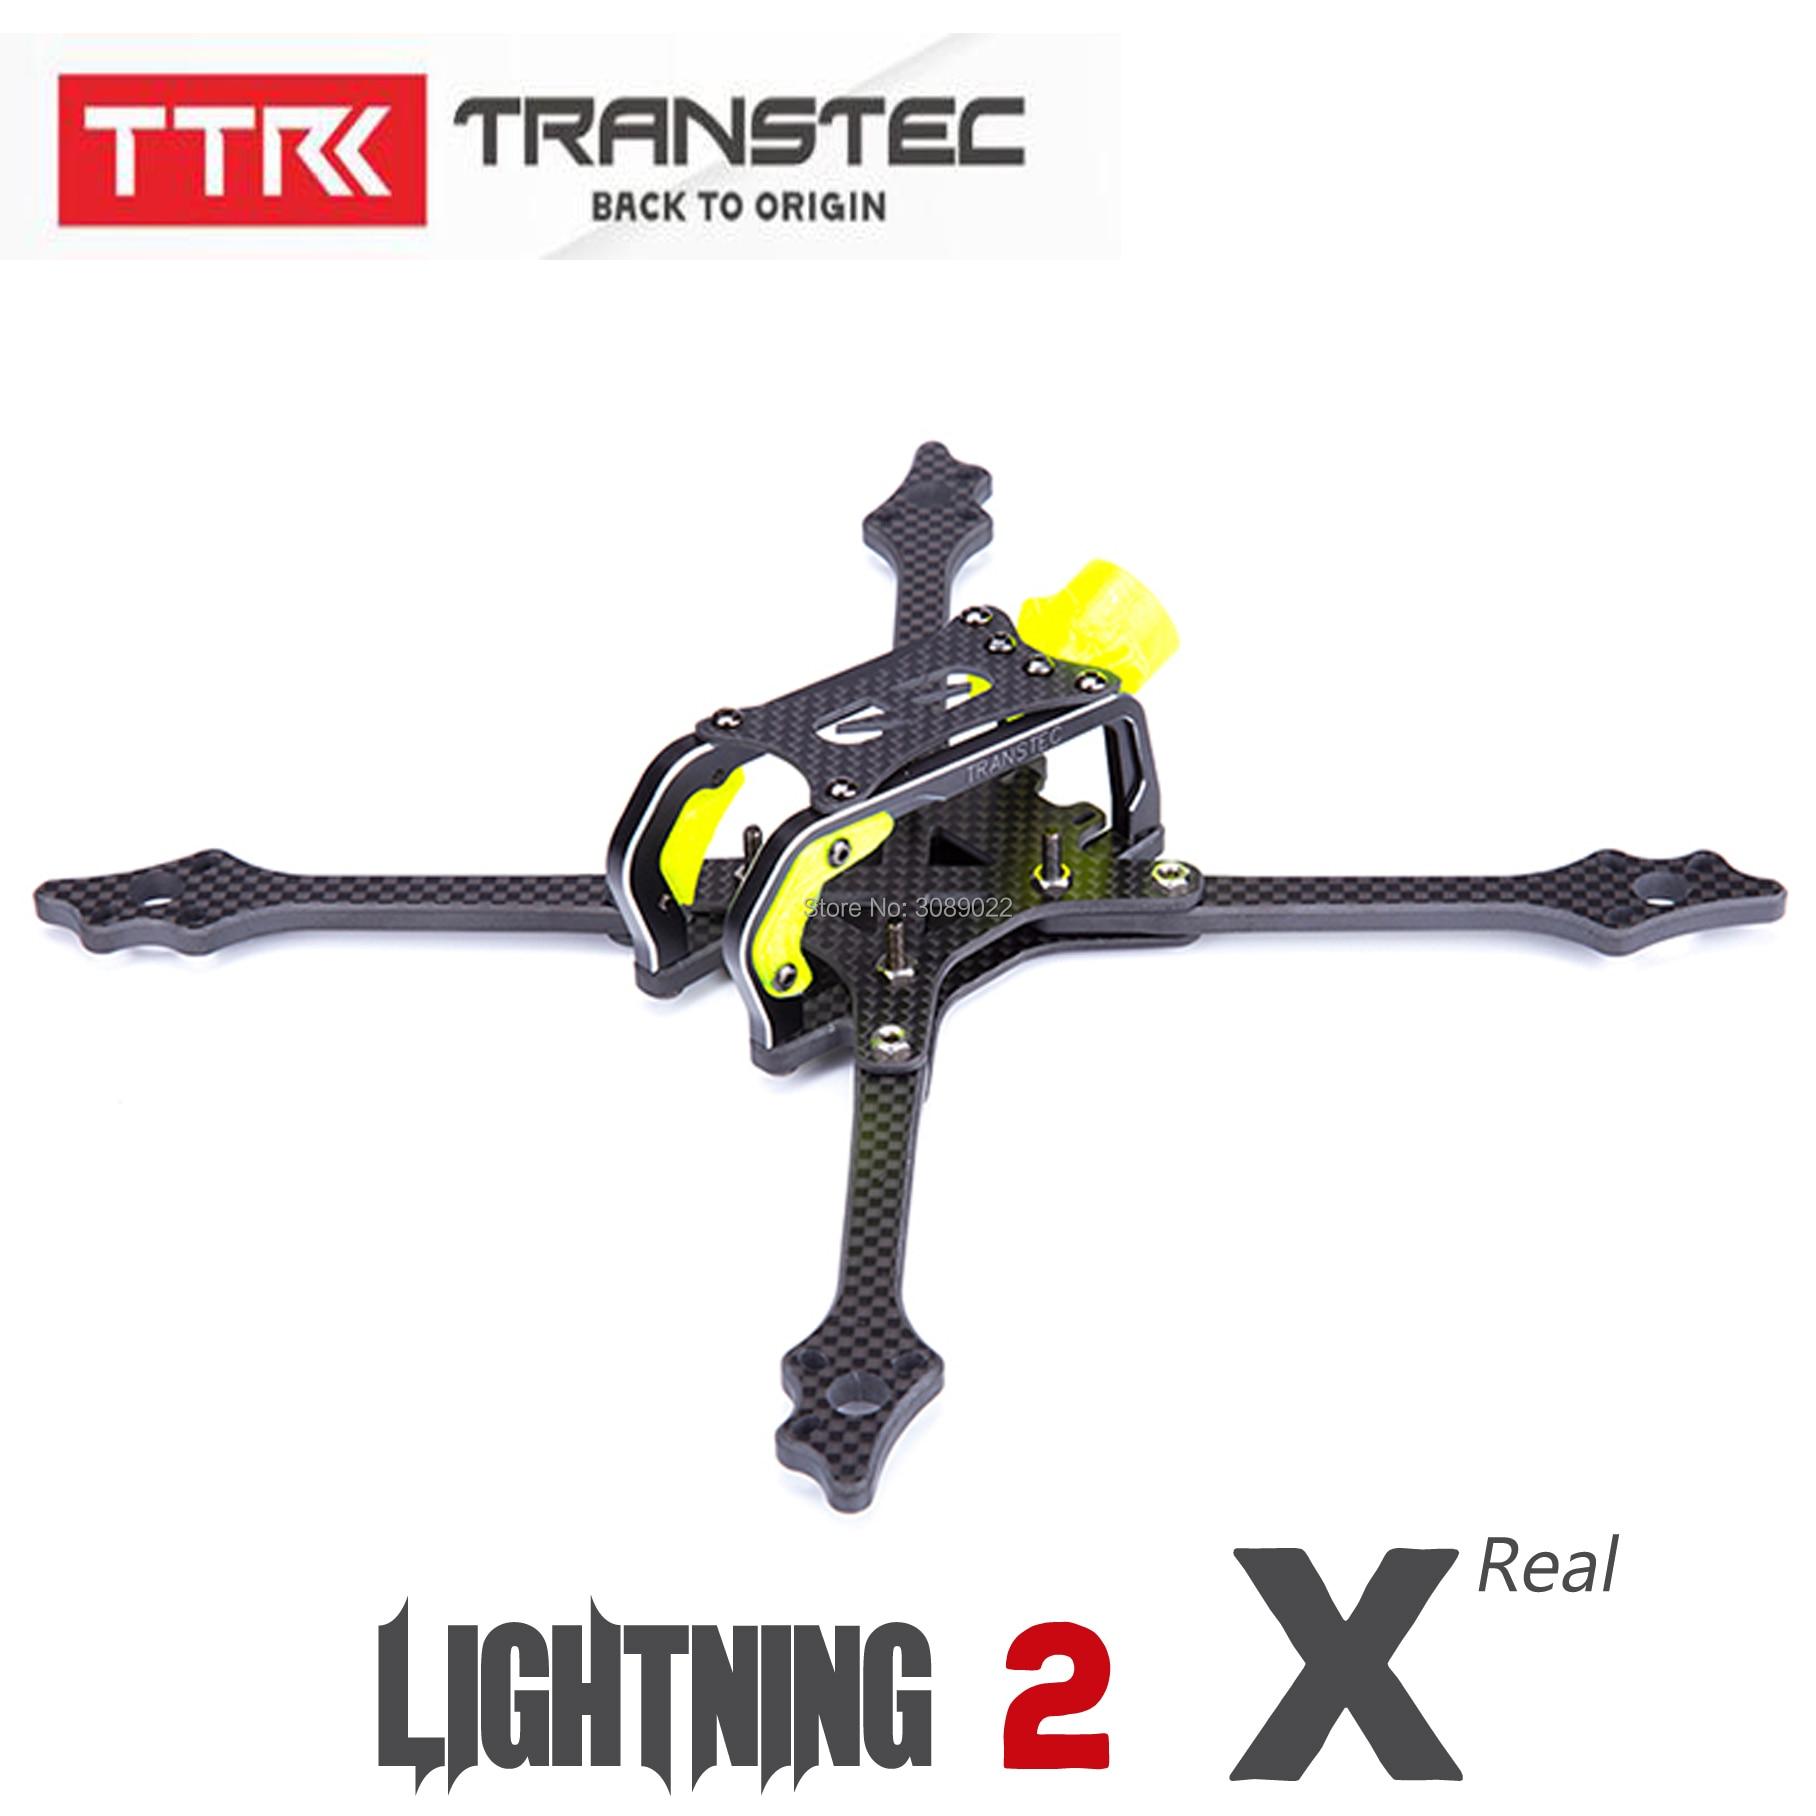 TRANSTEC TransTEC Lightning 2 215mm FPV cuadricóptero marco 5mm brazo 7075 CNC Kit de marco de fibra de carbono para T  Motor F40 PRO III motor-in Partes y accesorios from Juguetes y pasatiempos    1